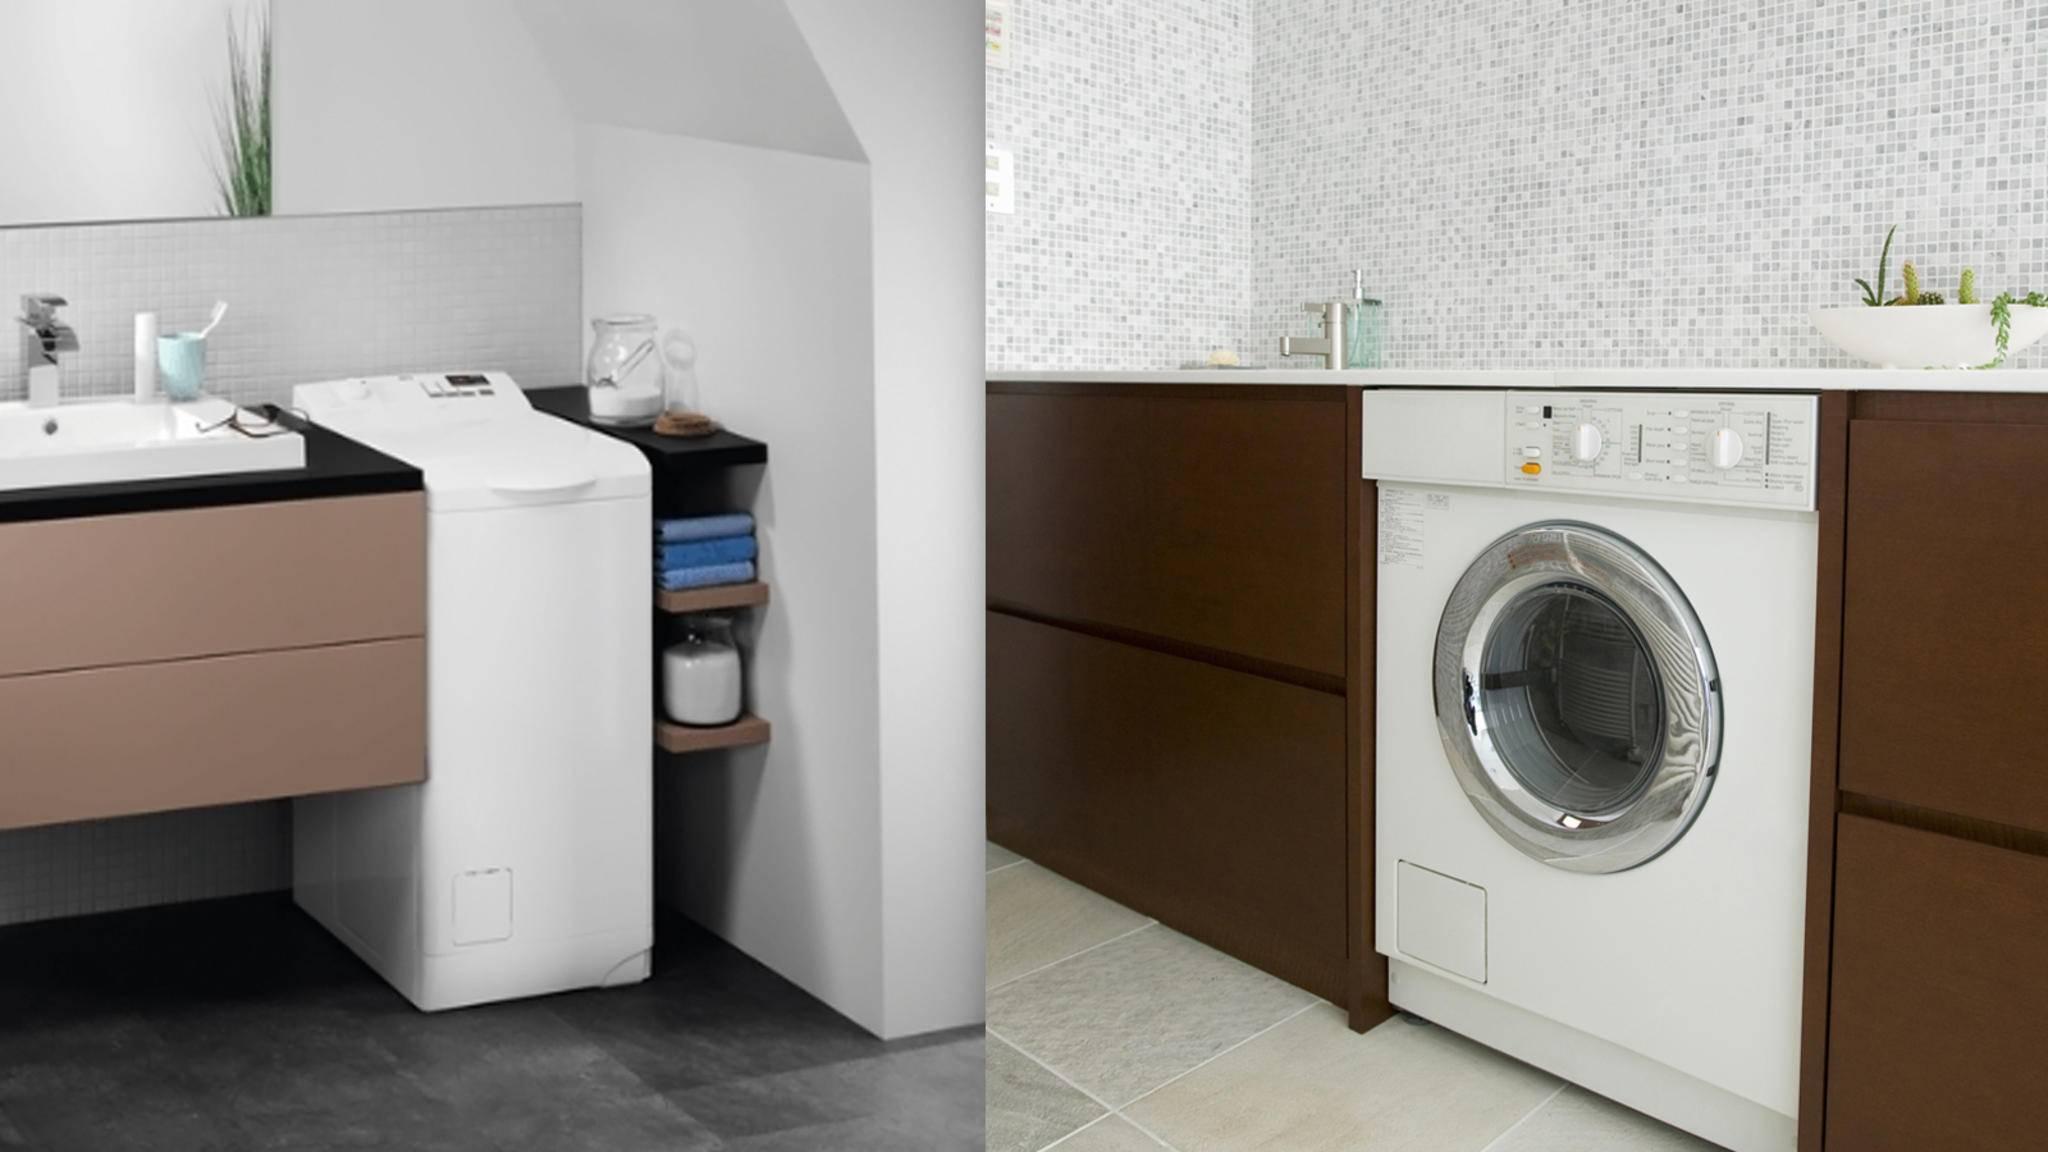 Frontlader oder toplader vor und nachteile der waschmaschinentypen